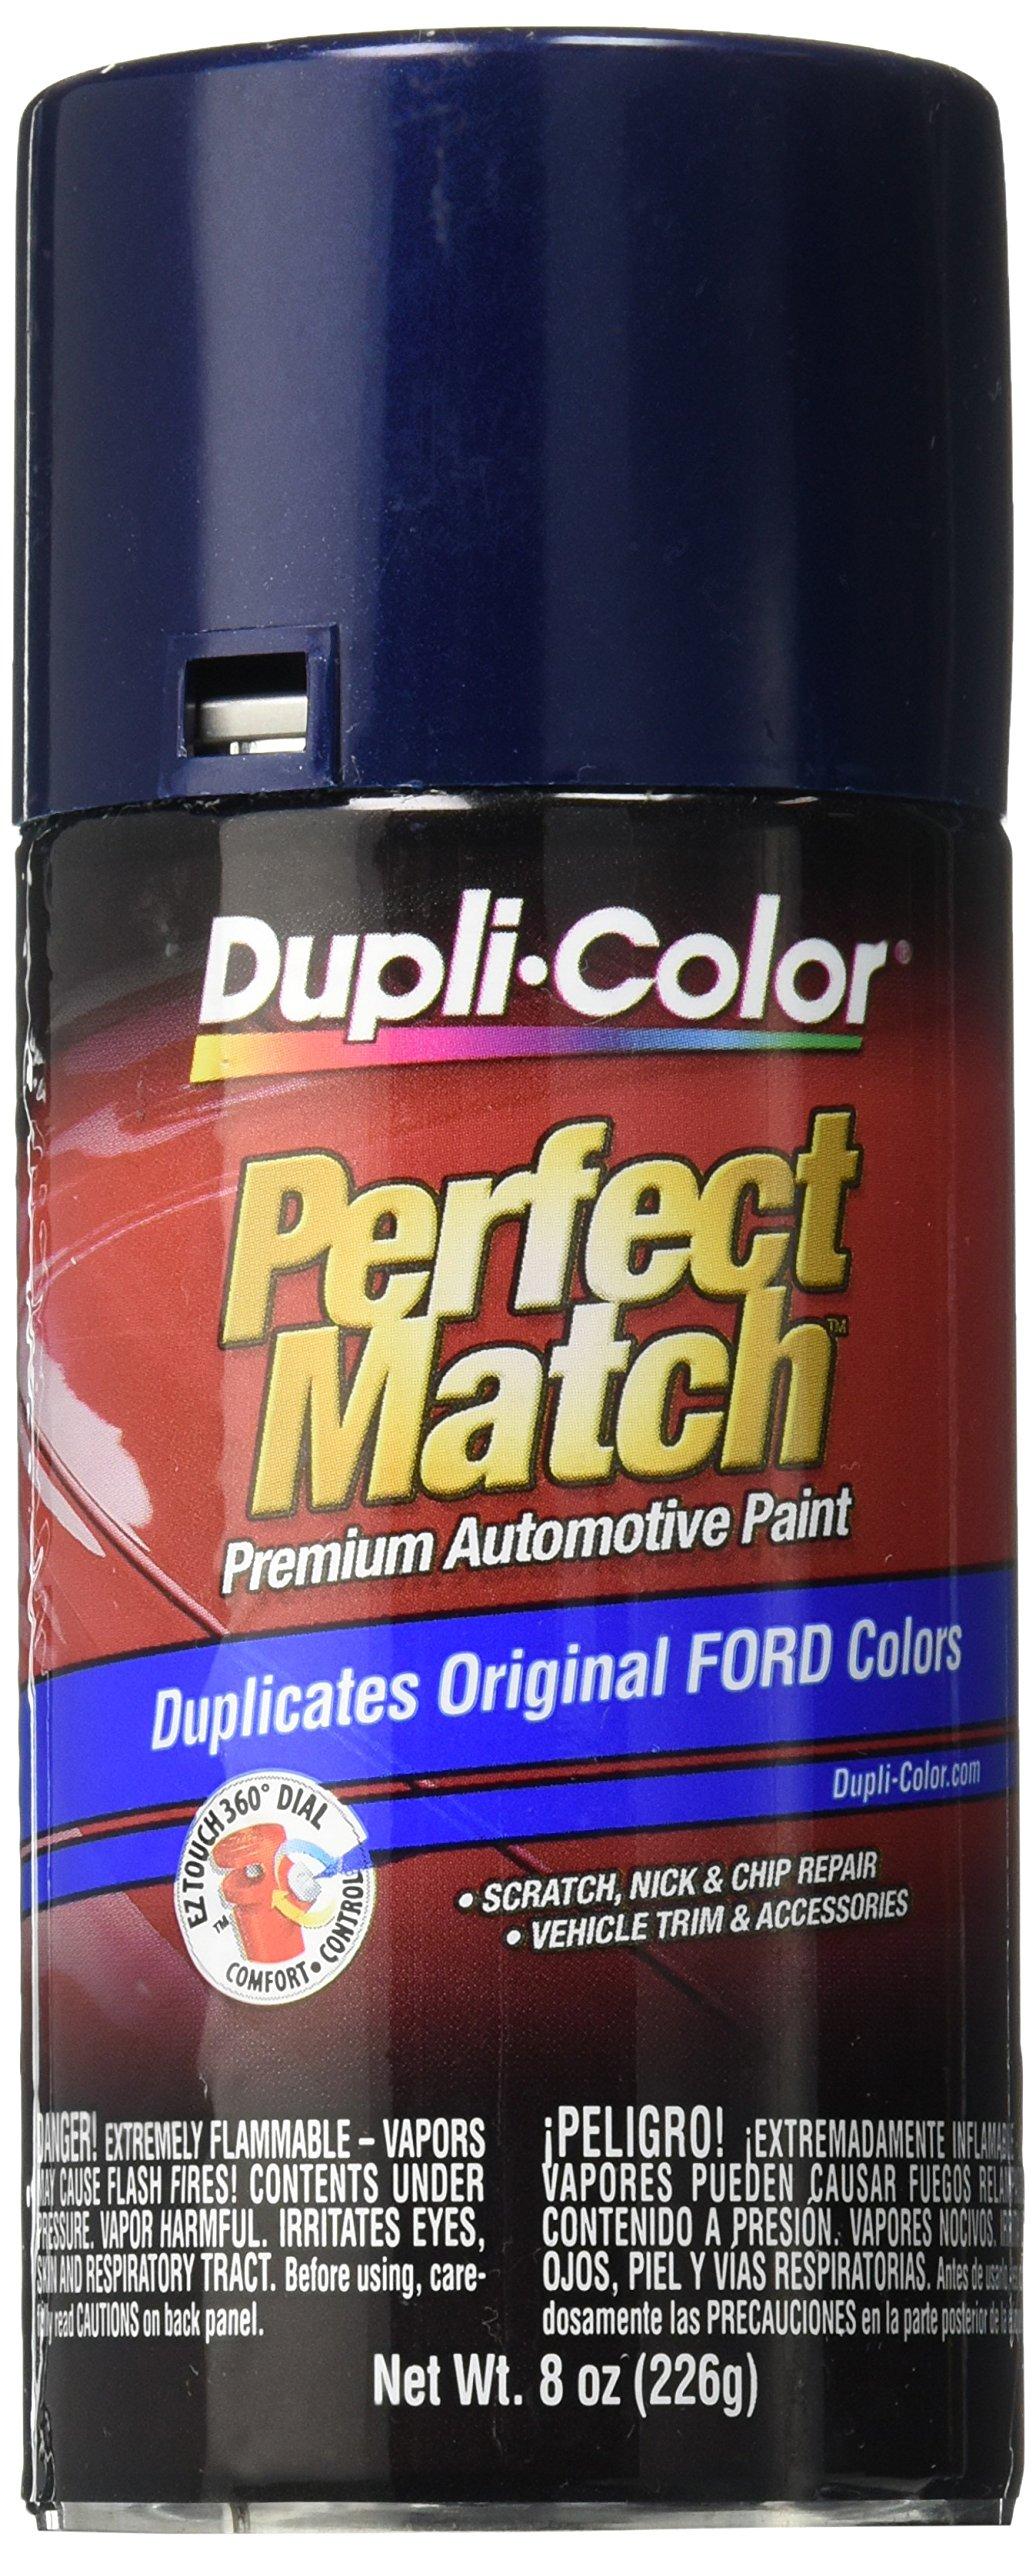 Dupli-Color EBFM03980 Perfect Match Premium Automotive Paint, Blue Pearl DX, 8 Ounce, 8. Fluid_Ounces